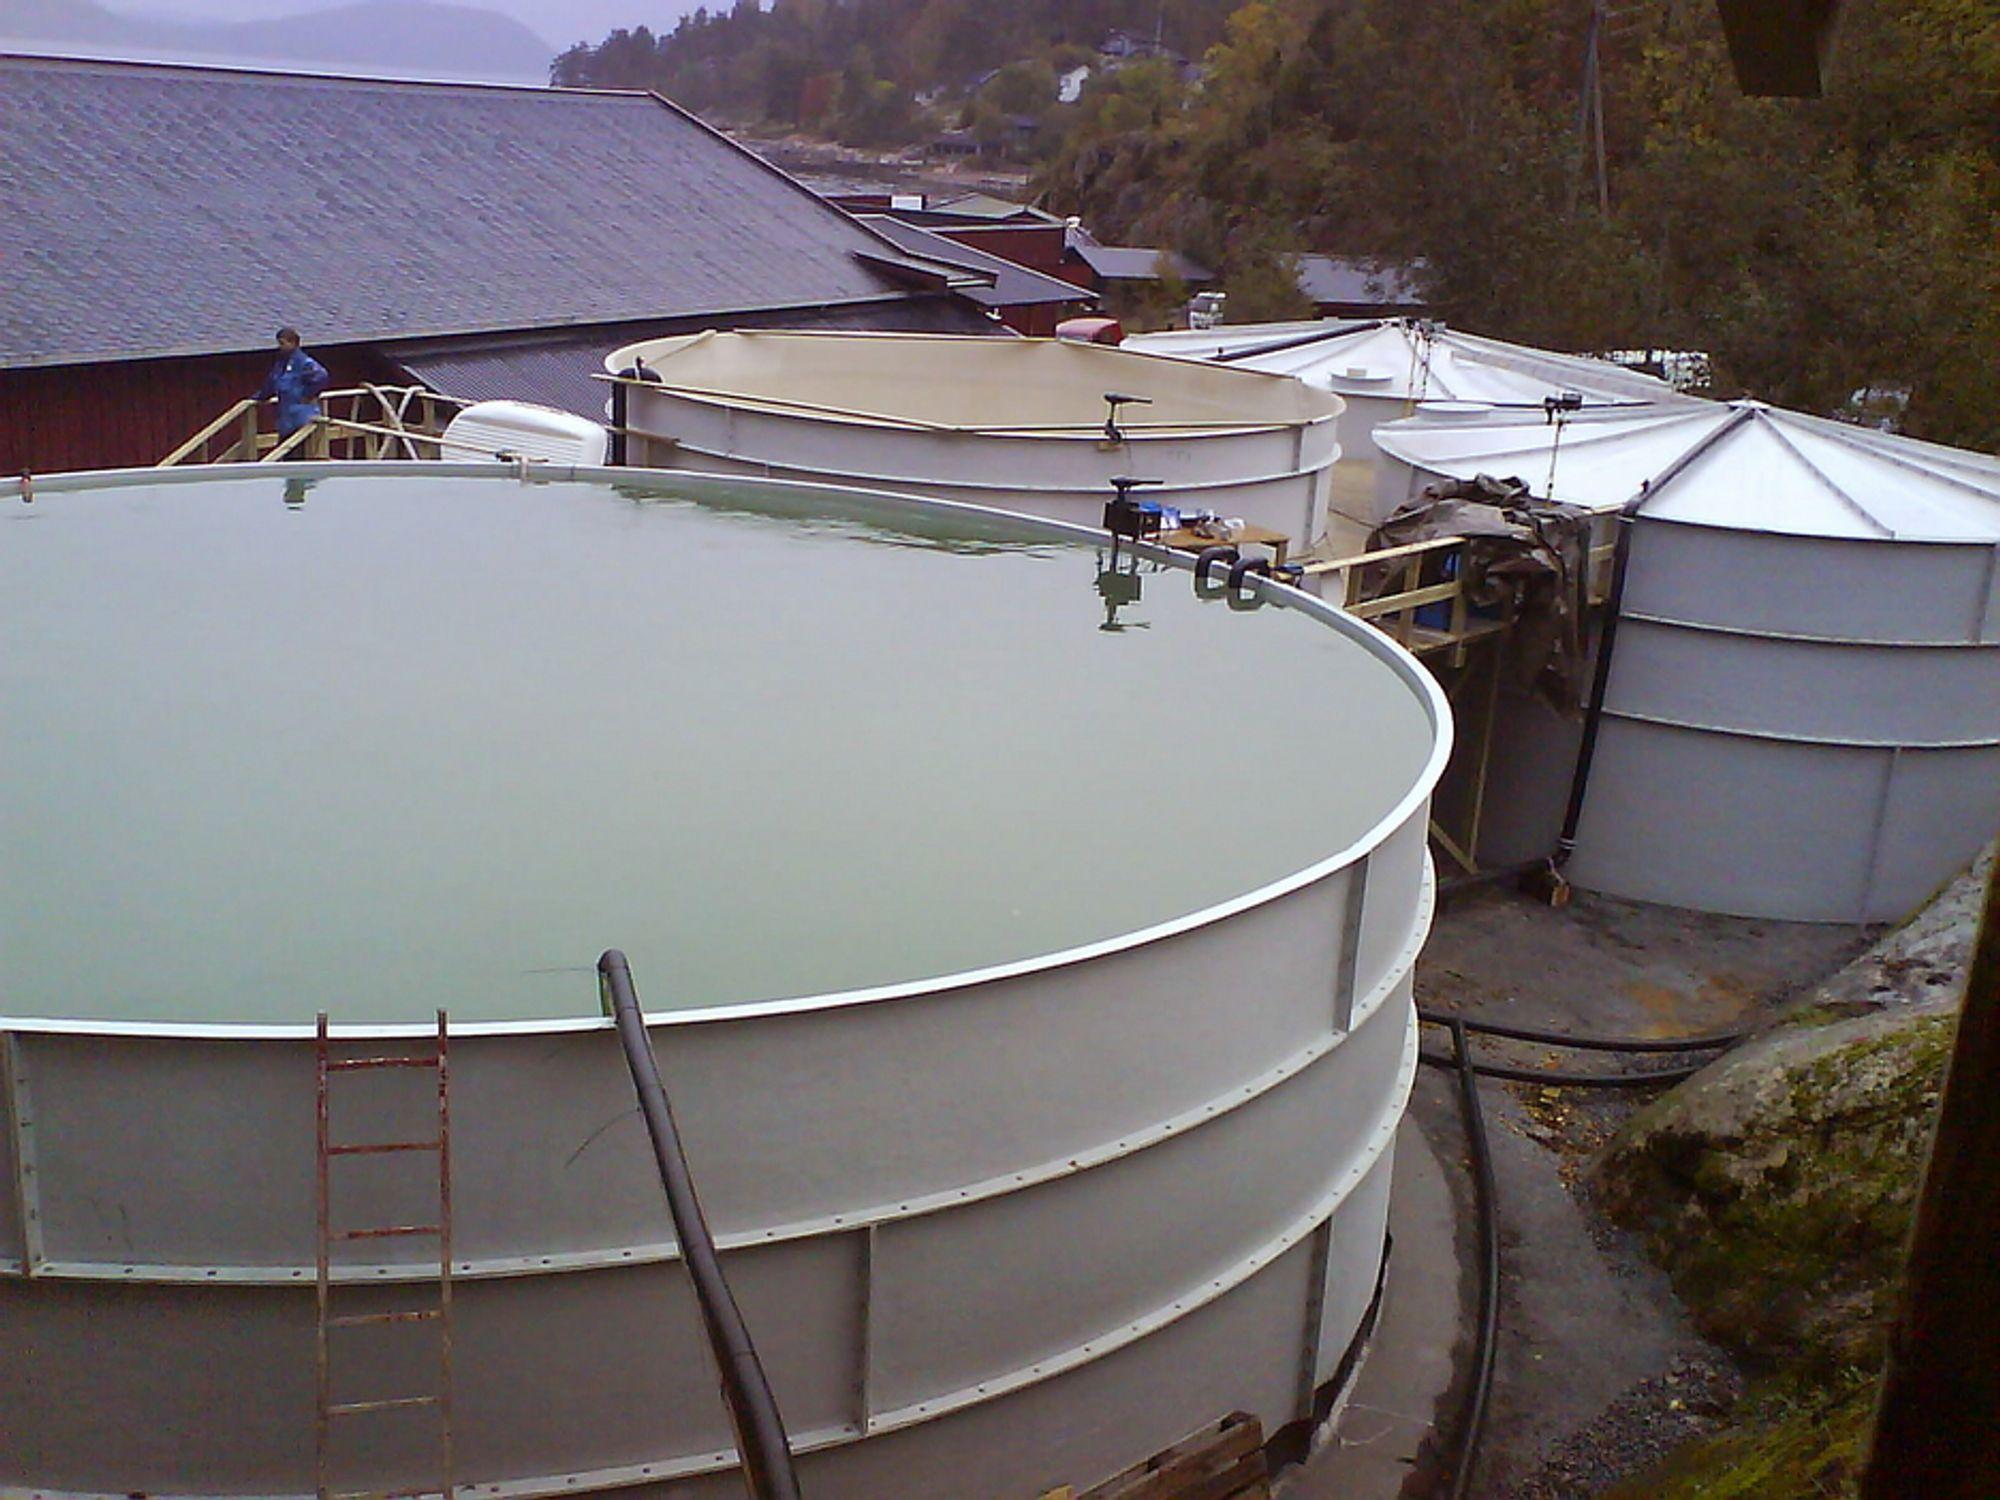 FULLSKALA: Ved NIVAs datterselskap BallastTech ved Solbergstrand Marine Forskningsstasjon i nærheten av Drøbak testes renseutstyr for ballastvann i full skala.